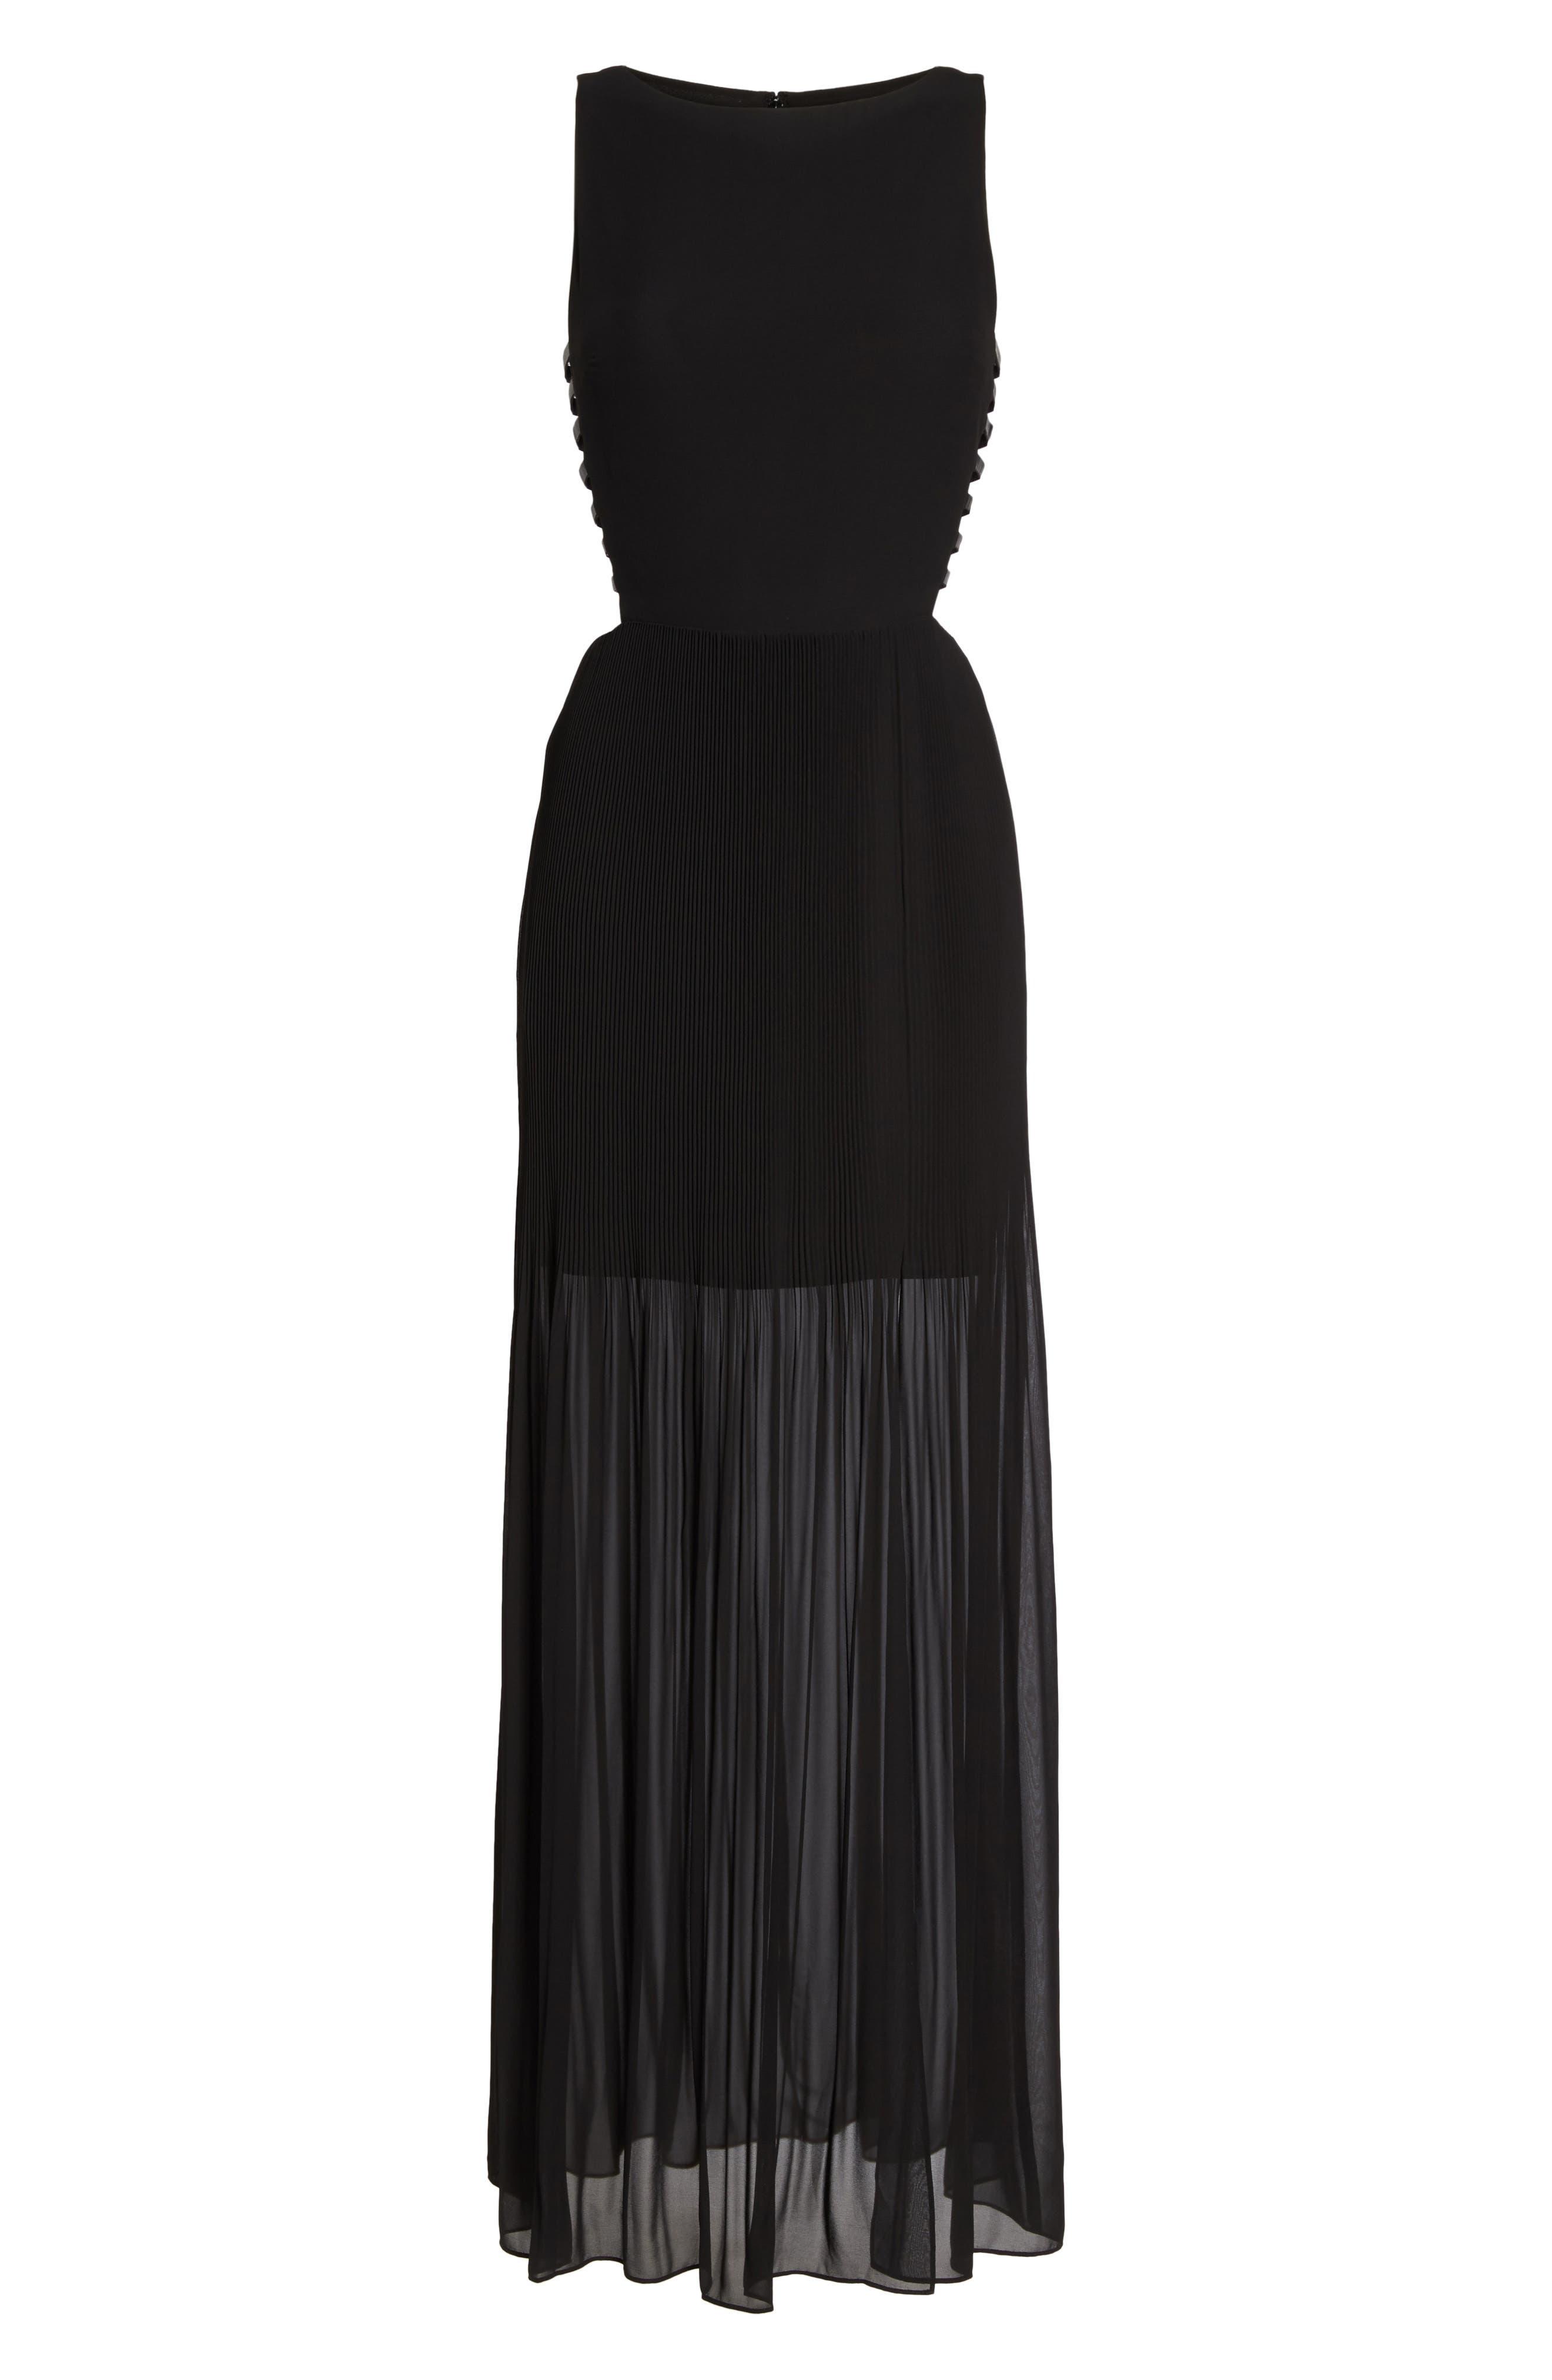 Sunset Blvd Maxi Dress,                             Alternate thumbnail 6, color,                             001